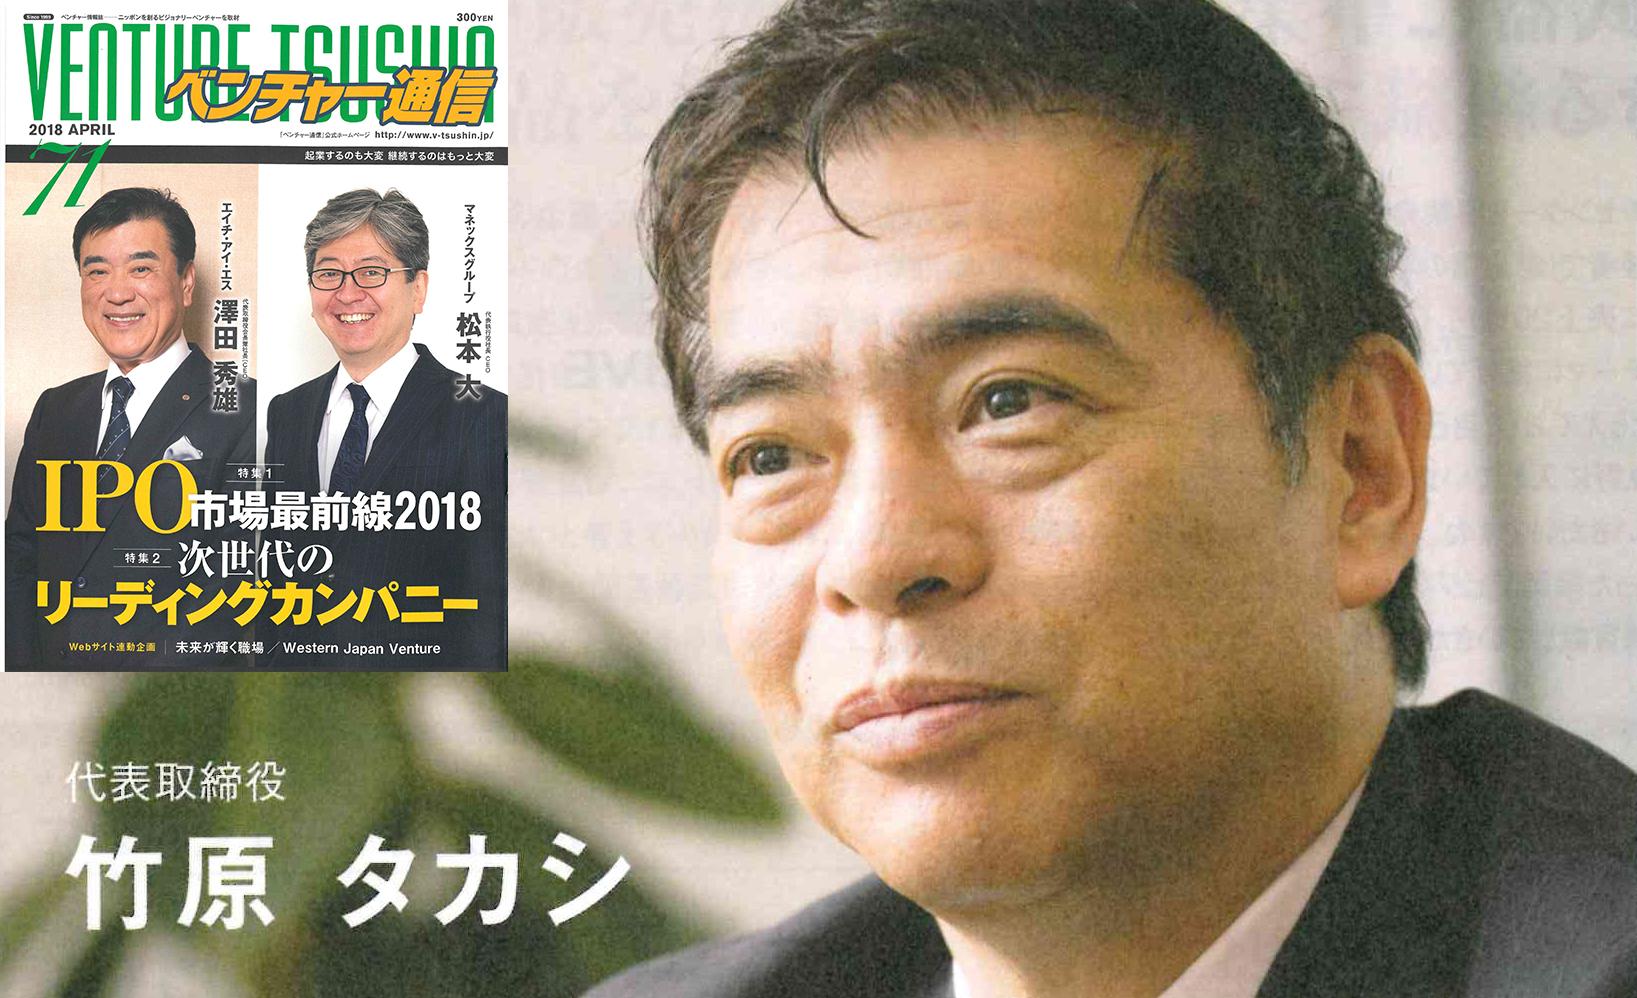 ベンチャー通信Vol.71(4月号)より抜粋